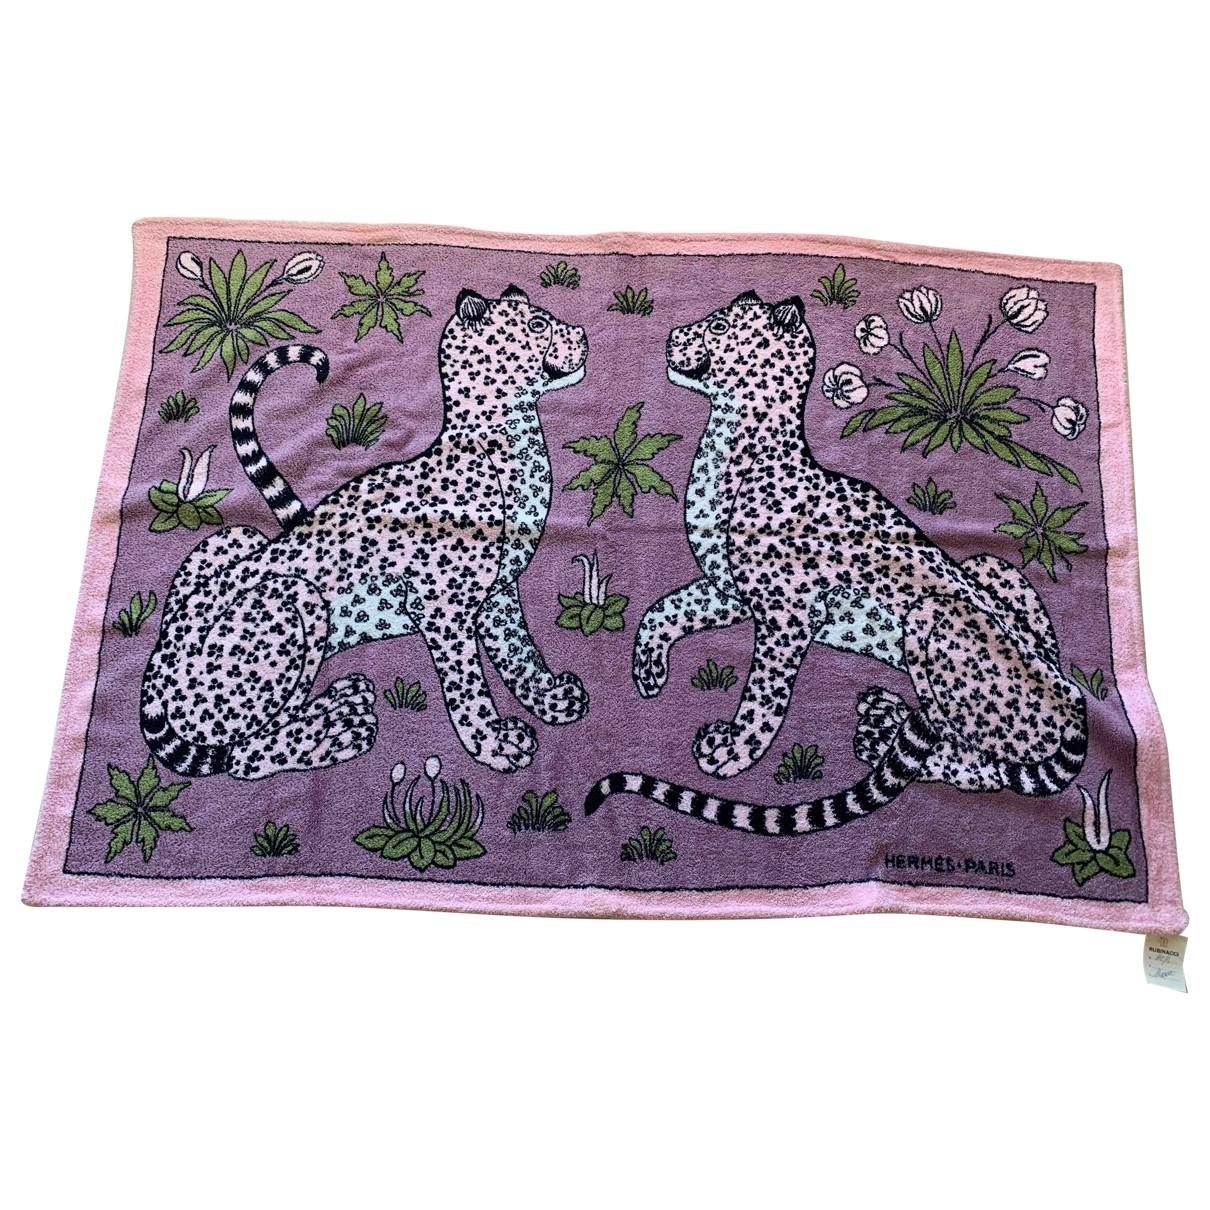 Hermes - Linge de maison Les Leopards pour lifestyle en coton - rose